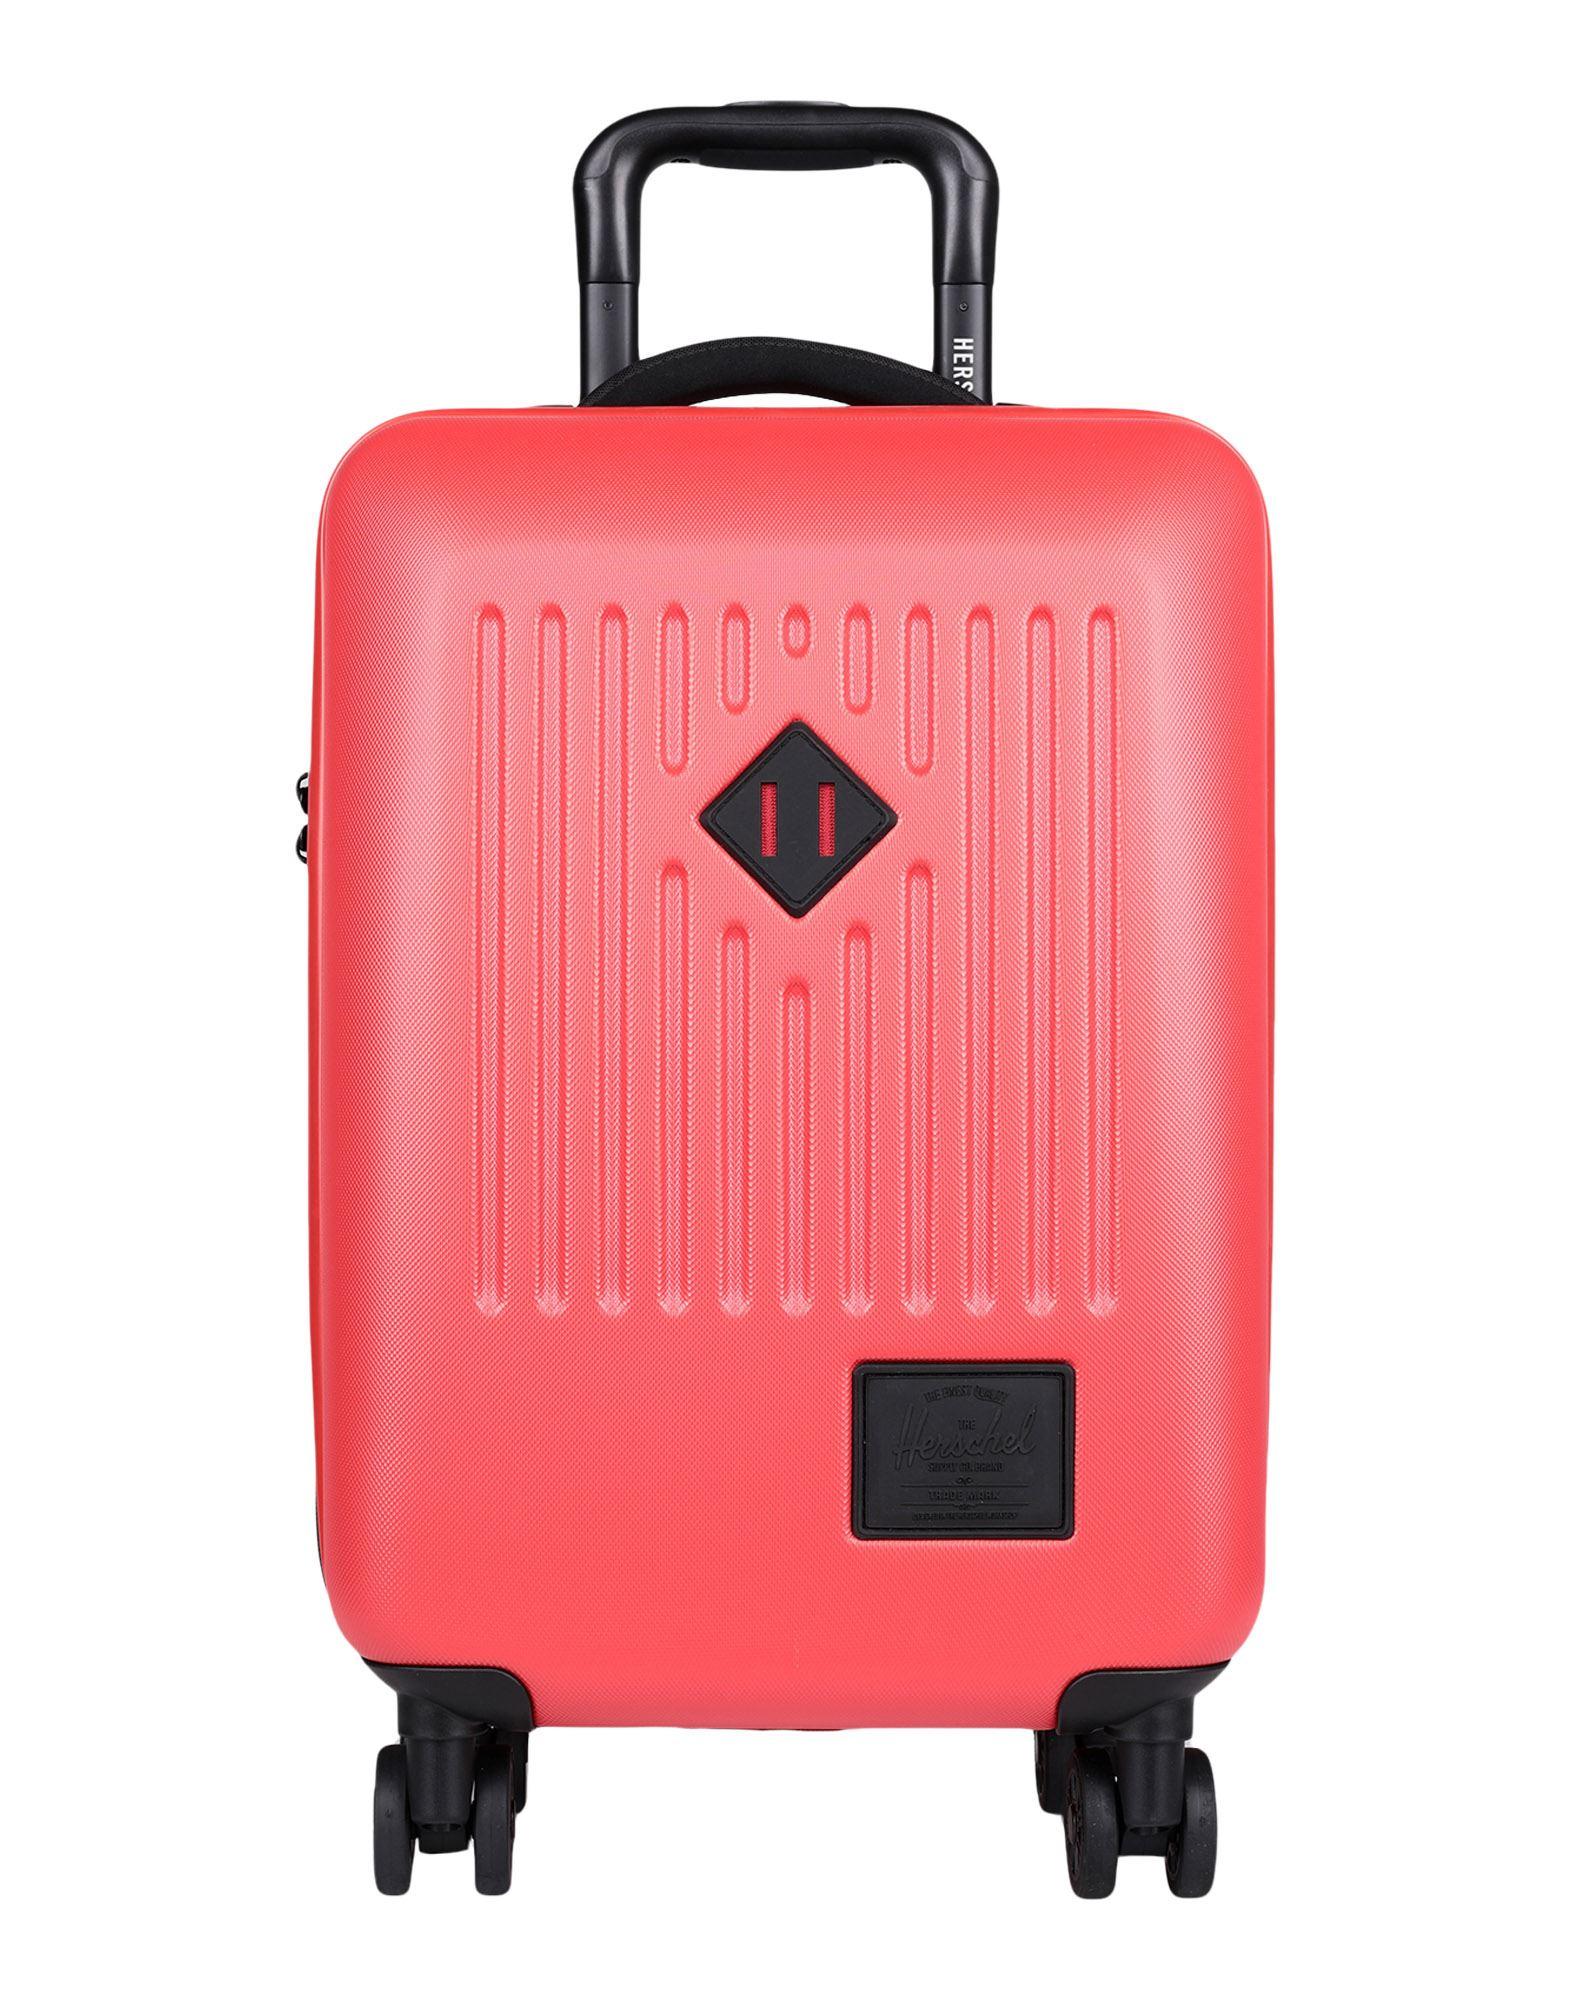 《セール開催中》HERSCHEL SUPPLY CO. Unisex キャスター付きバッグ レッド ポリカーボネート / ABS樹脂